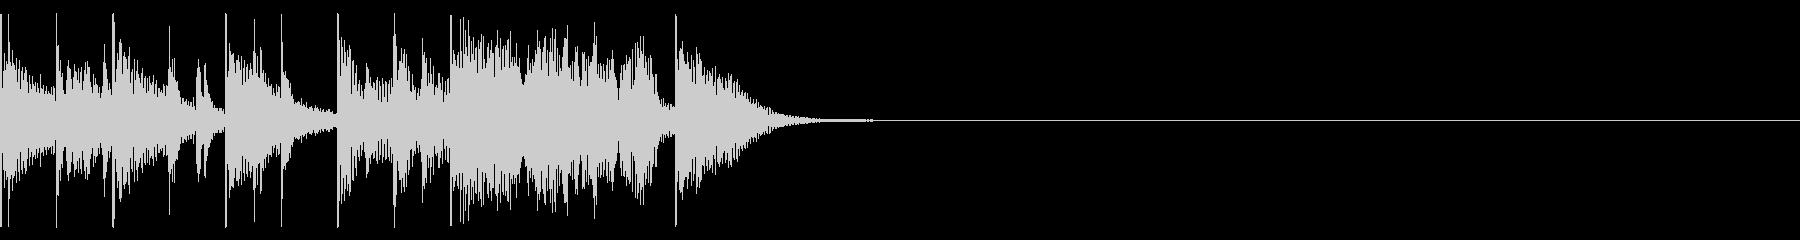 ドラムマーチ風サウンドロゴの未再生の波形